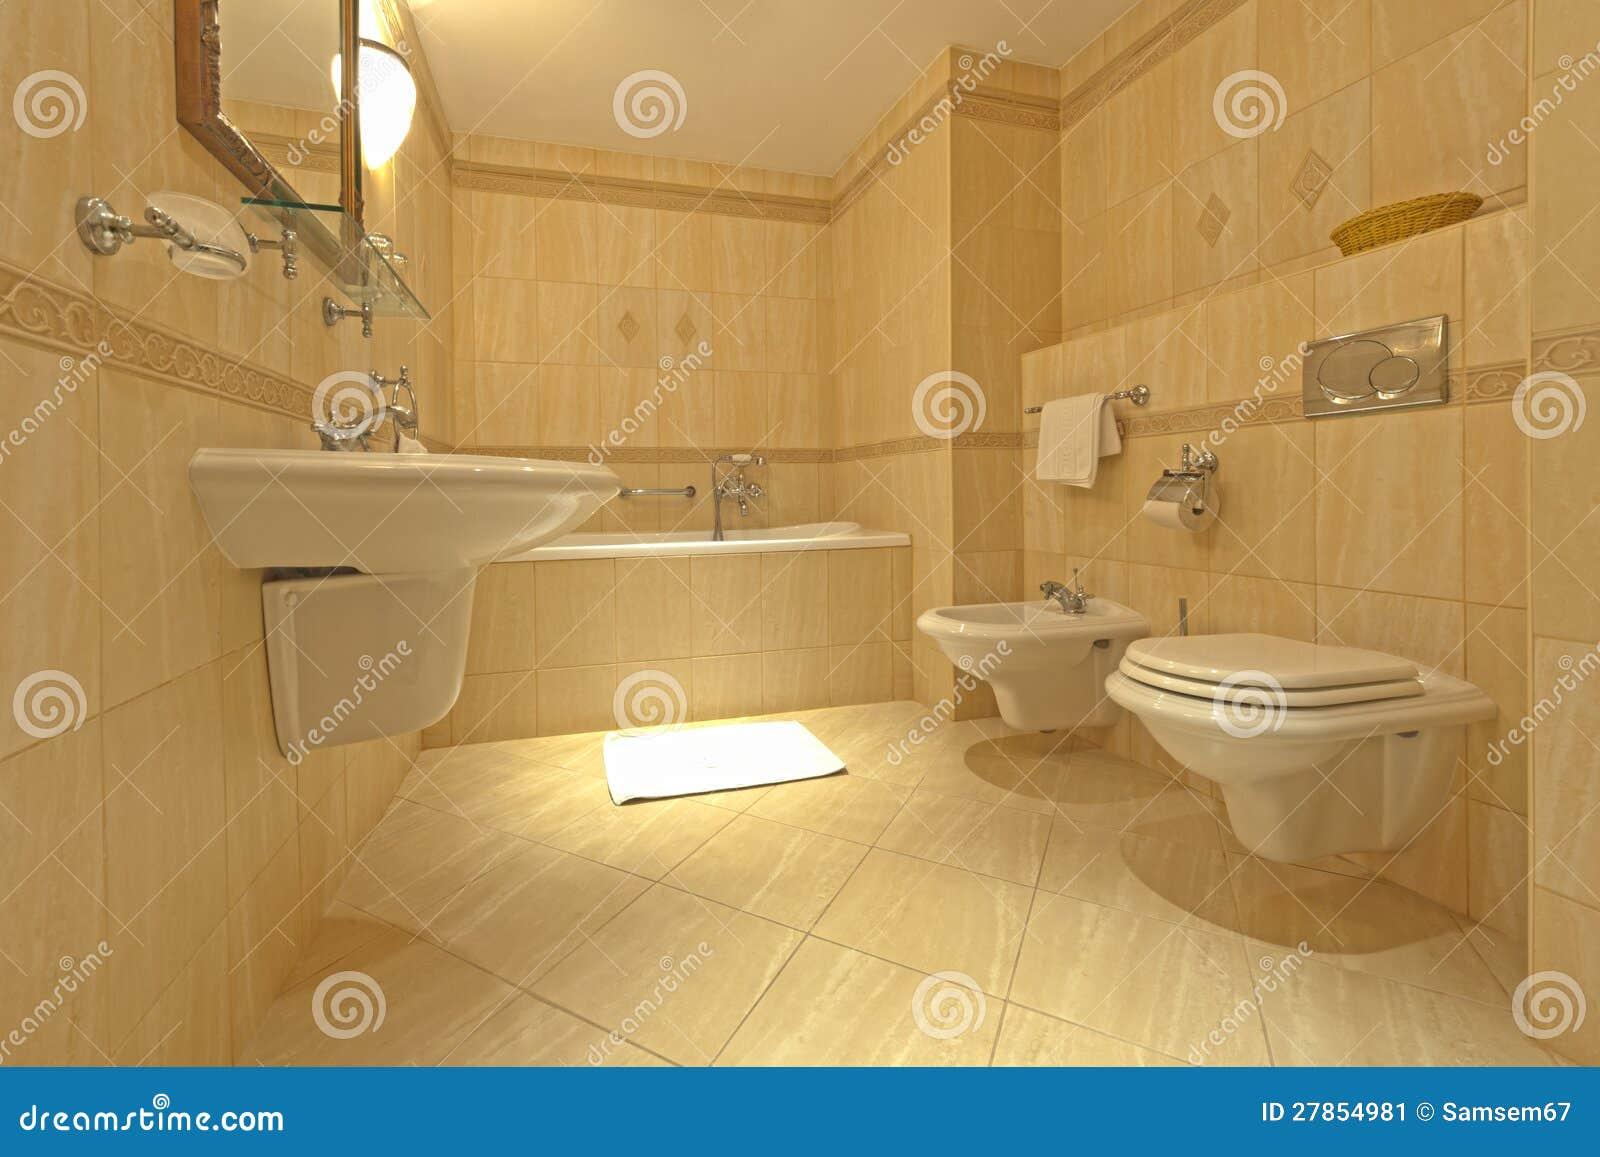 Łazienka z bidetem i wc